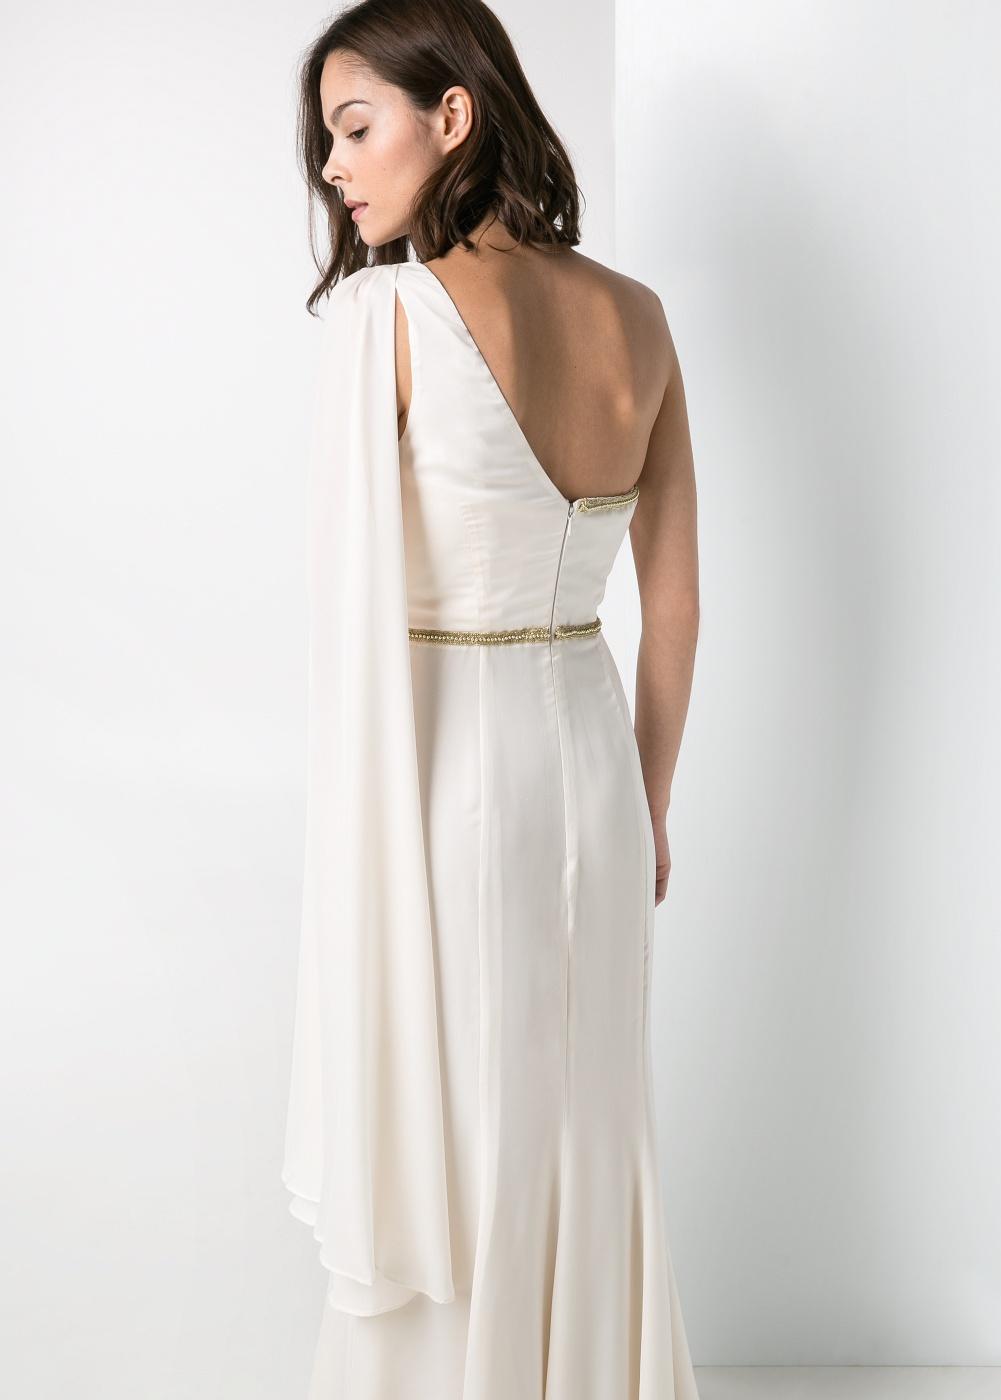 J'ai acheté la robe longue de mes rêves